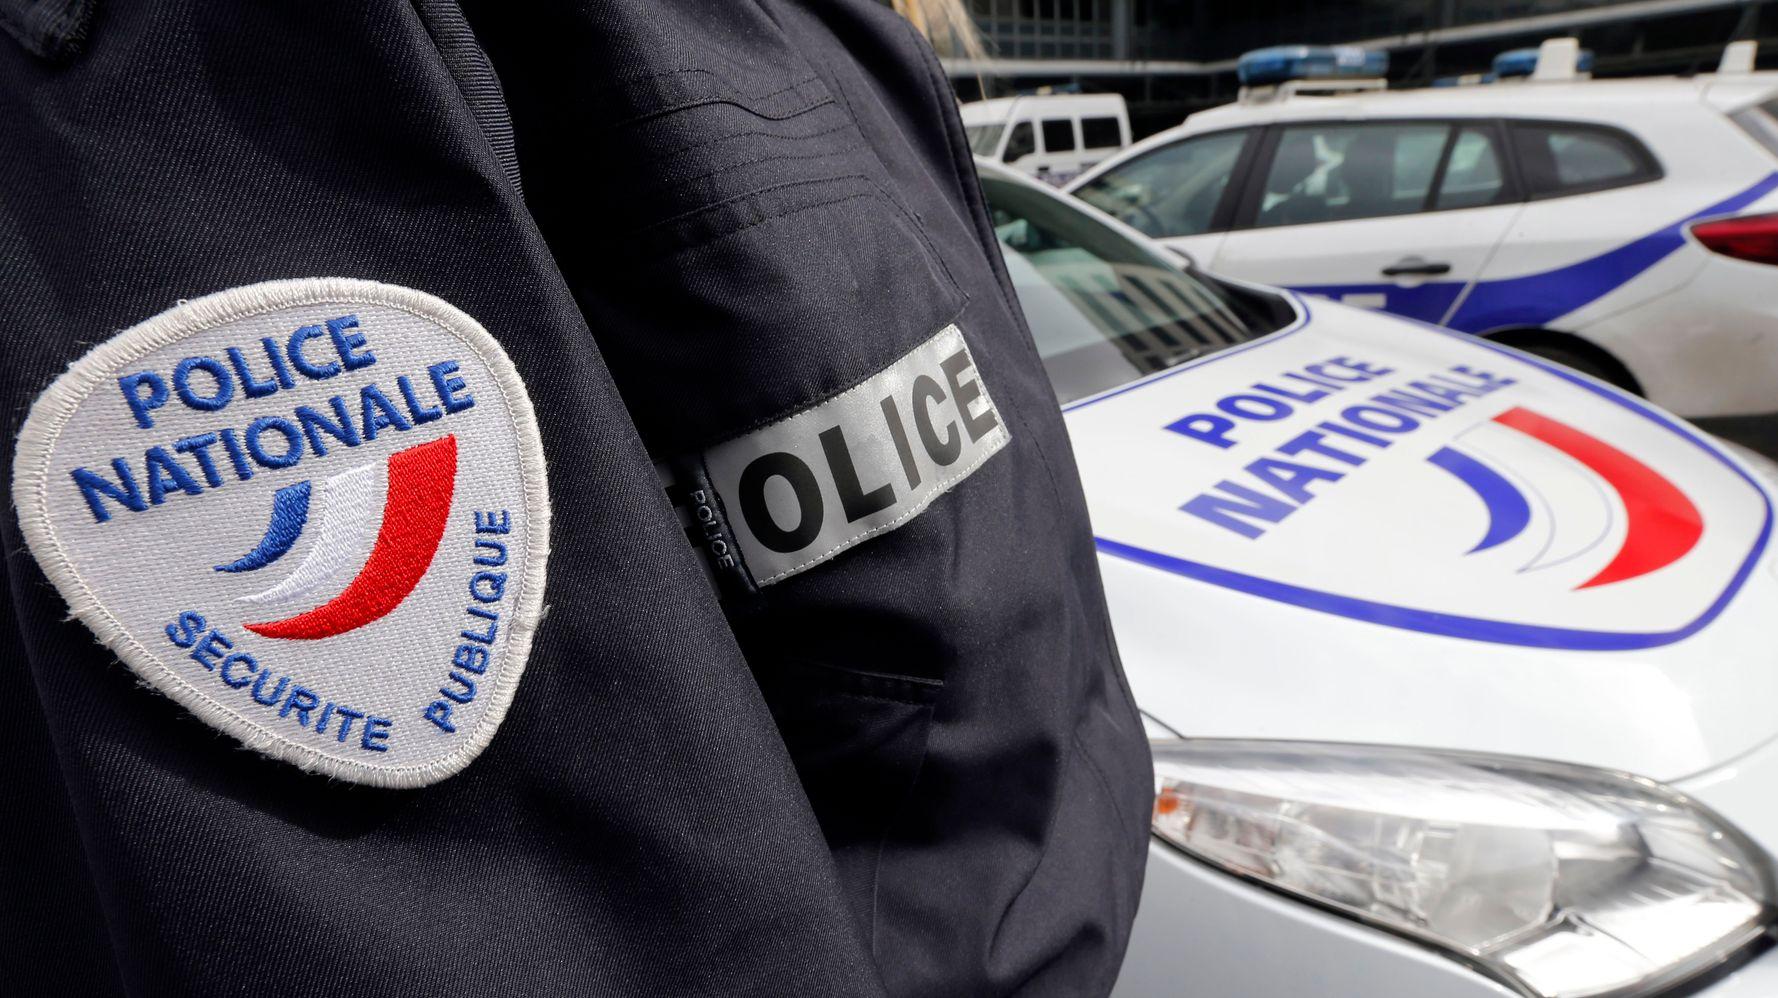 À Saint-Chéron, dans l'Essonne, une collégienne tuée alors qu'elle s'interposait entre des bandes rivales